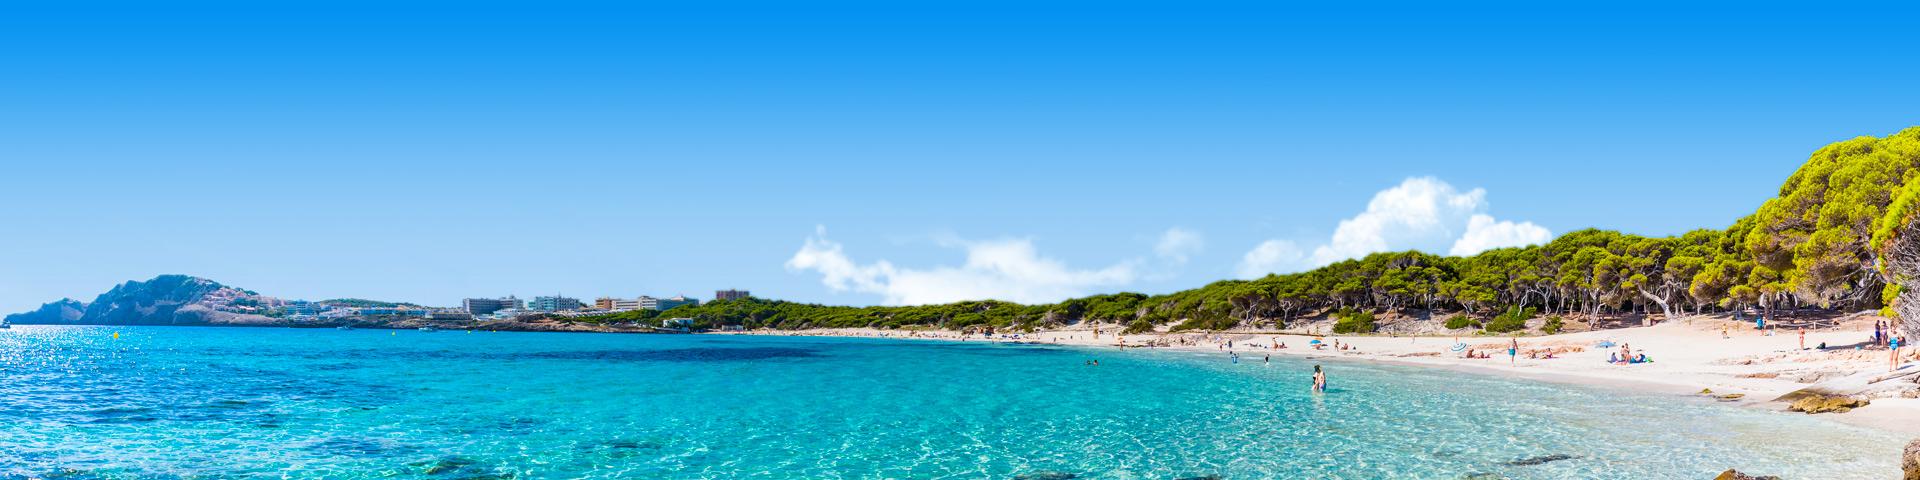 Helderblauwe zee voor het strand en de kustlijn tijdens een last minute meivakantie